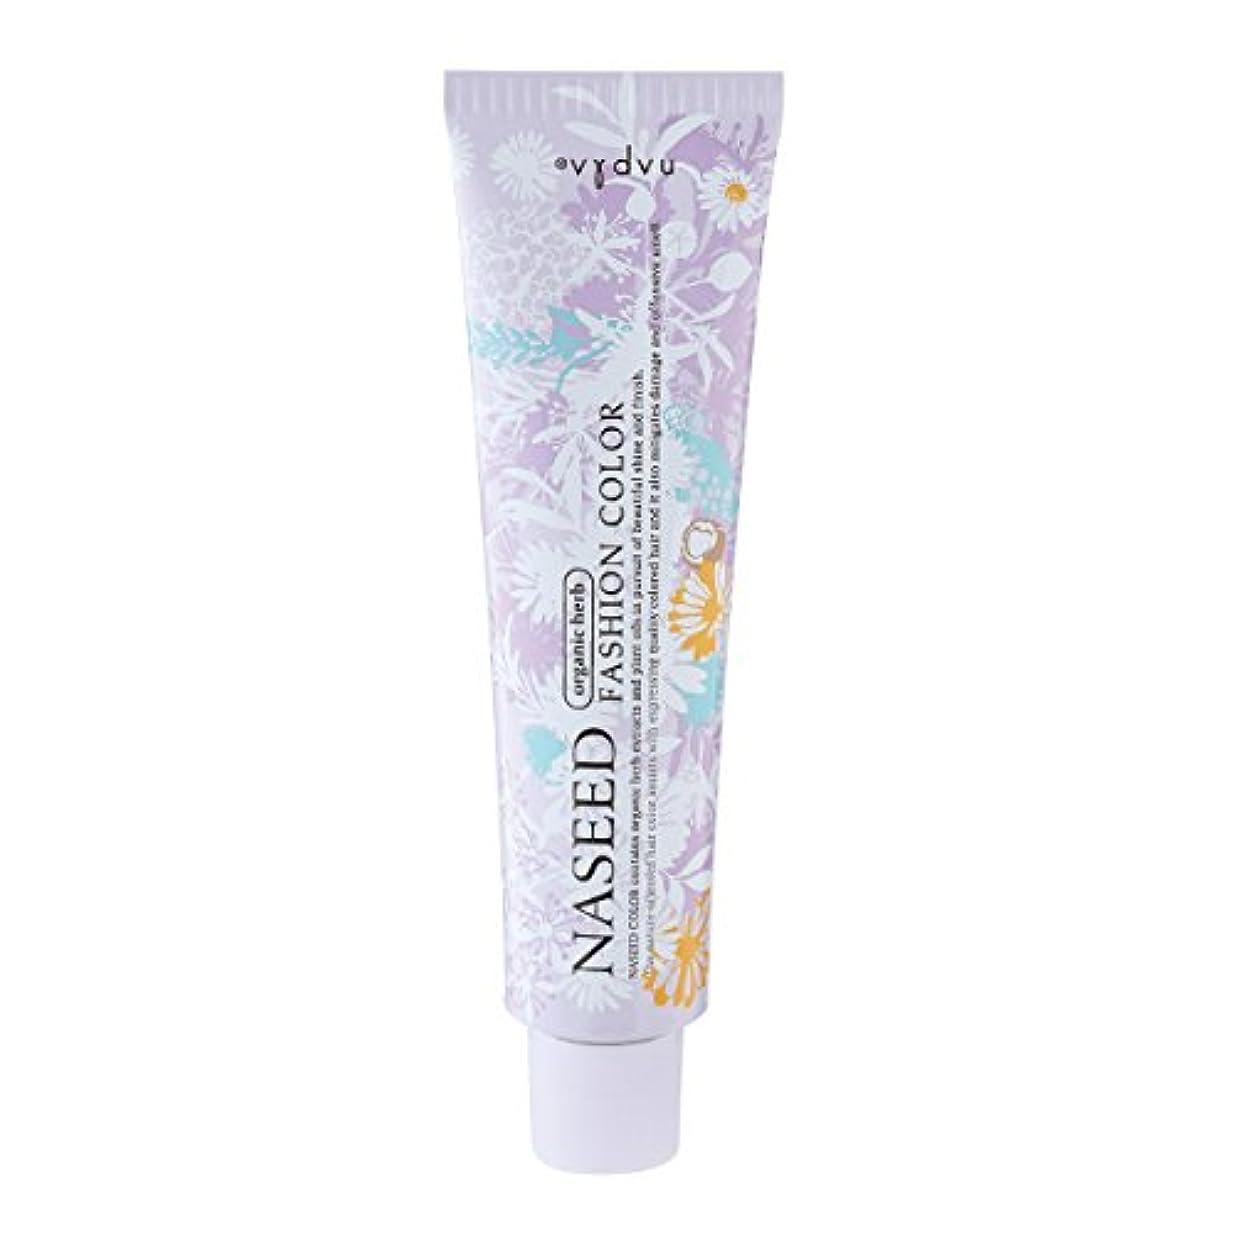 ナプラ ナシードカラー ナチュラル N-N9 80g  (ファッションカラー)【業務用】 【ヘアカラー1剤】